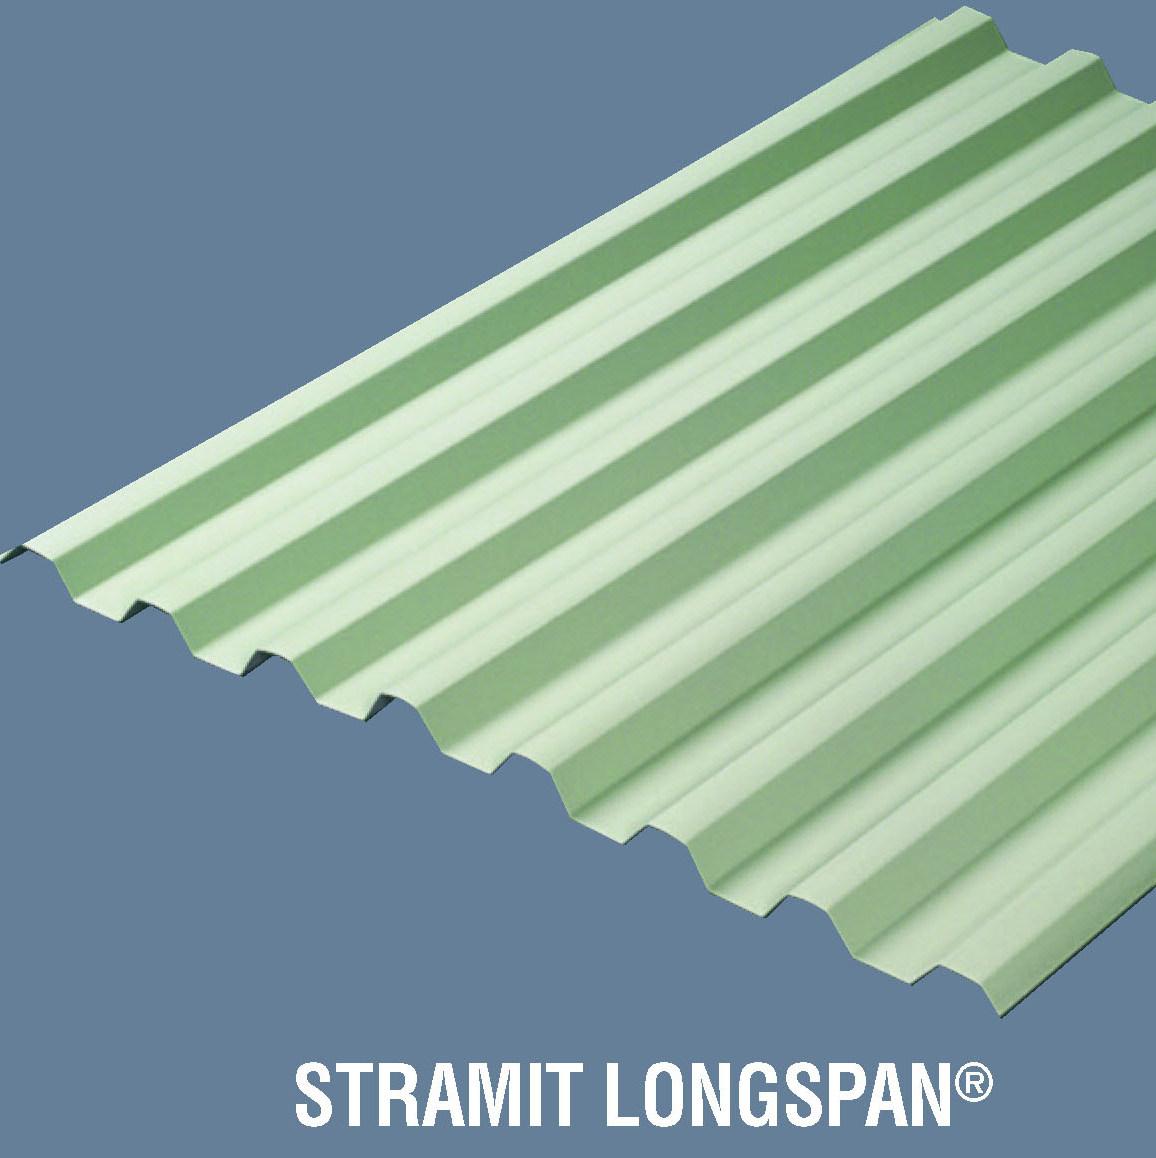 Stramit Longspan